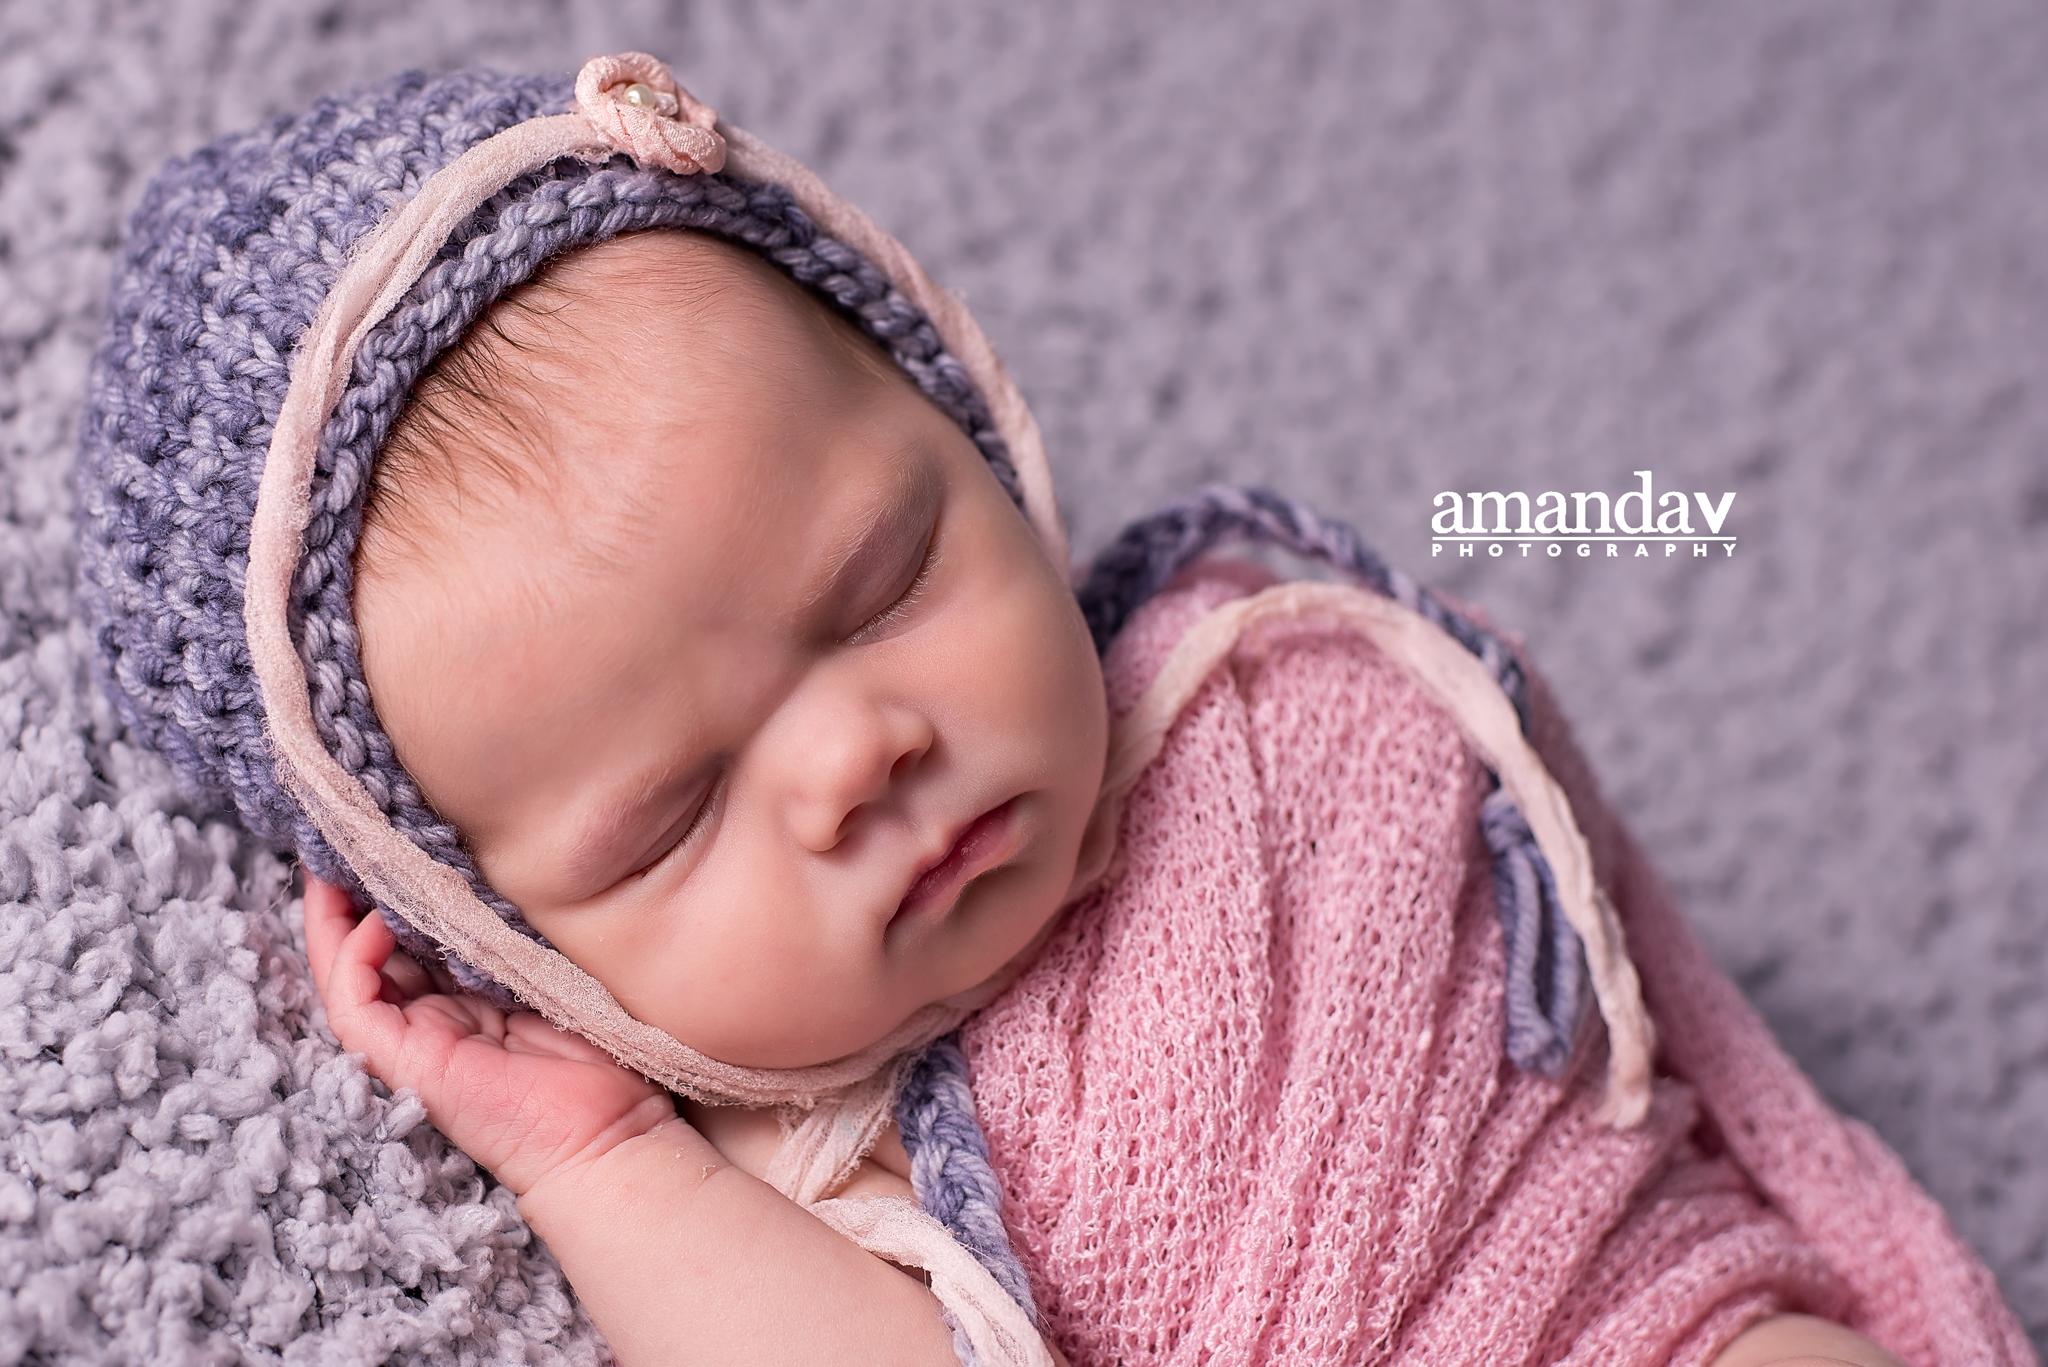 cute newborn in pink and grey